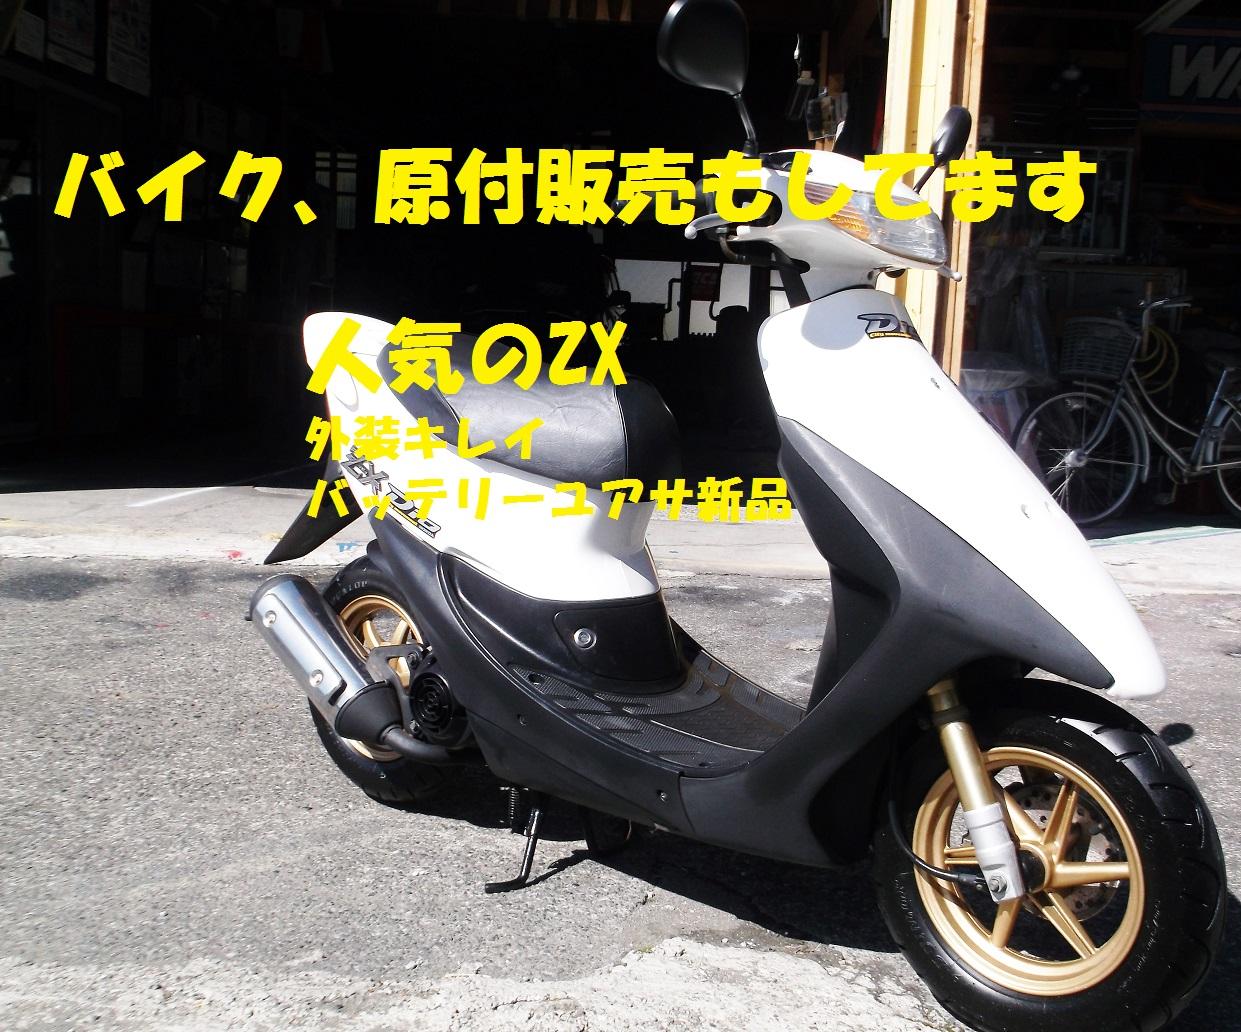 dio75000zx.jpg